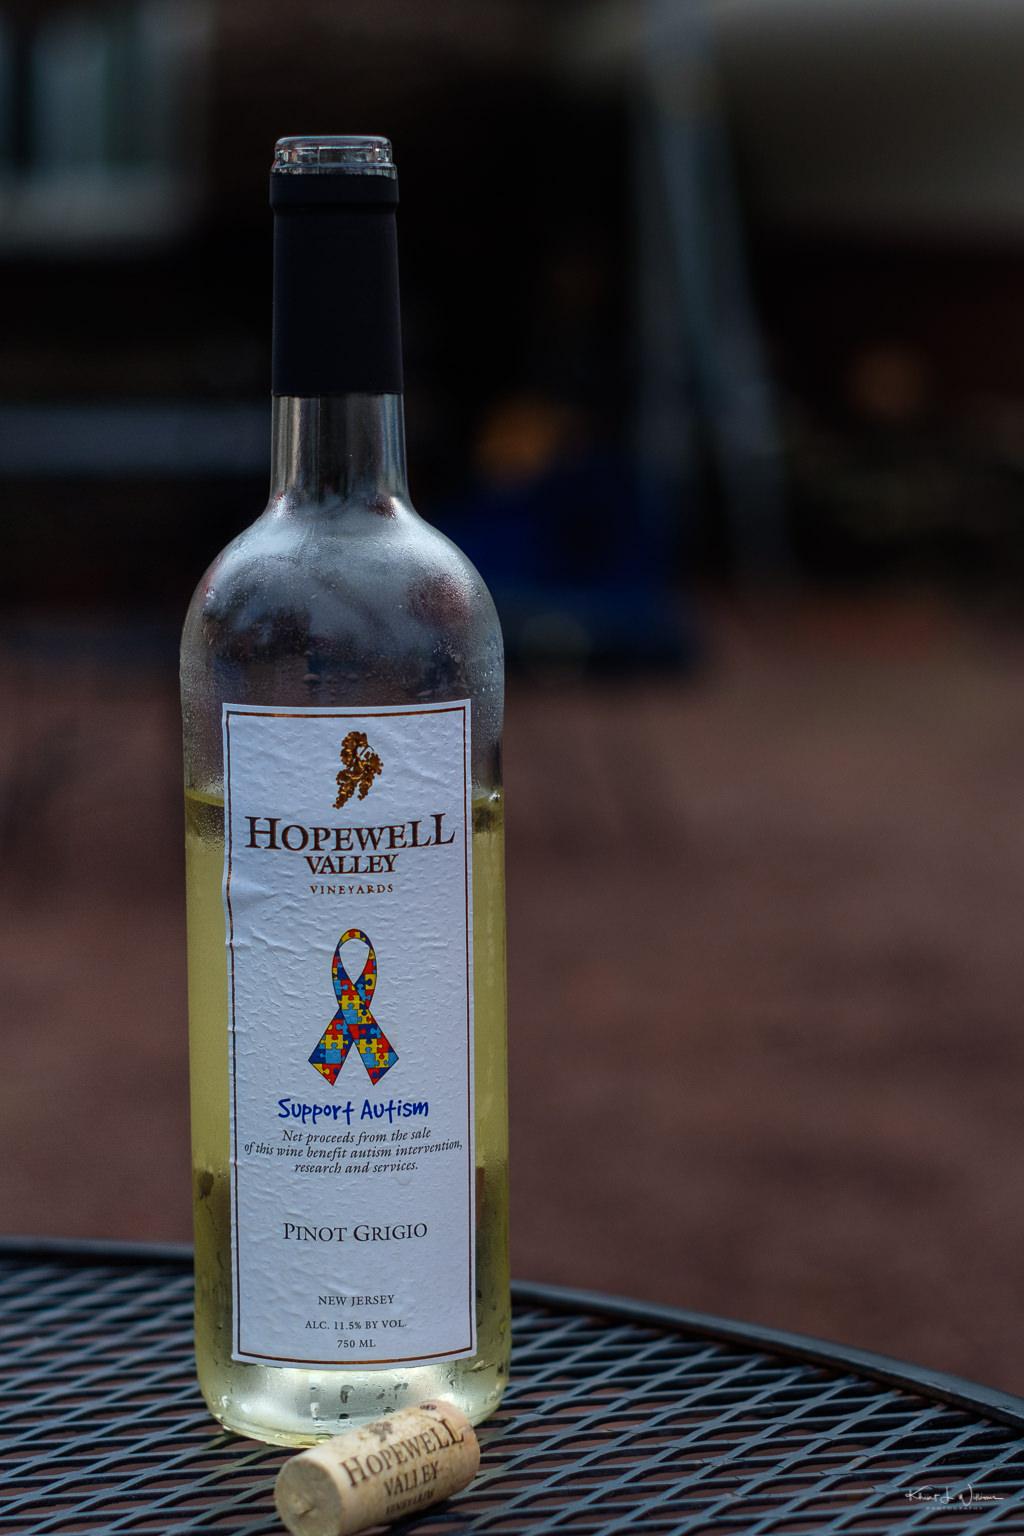 Hopewell Valley Vineyard Pinot Grigio